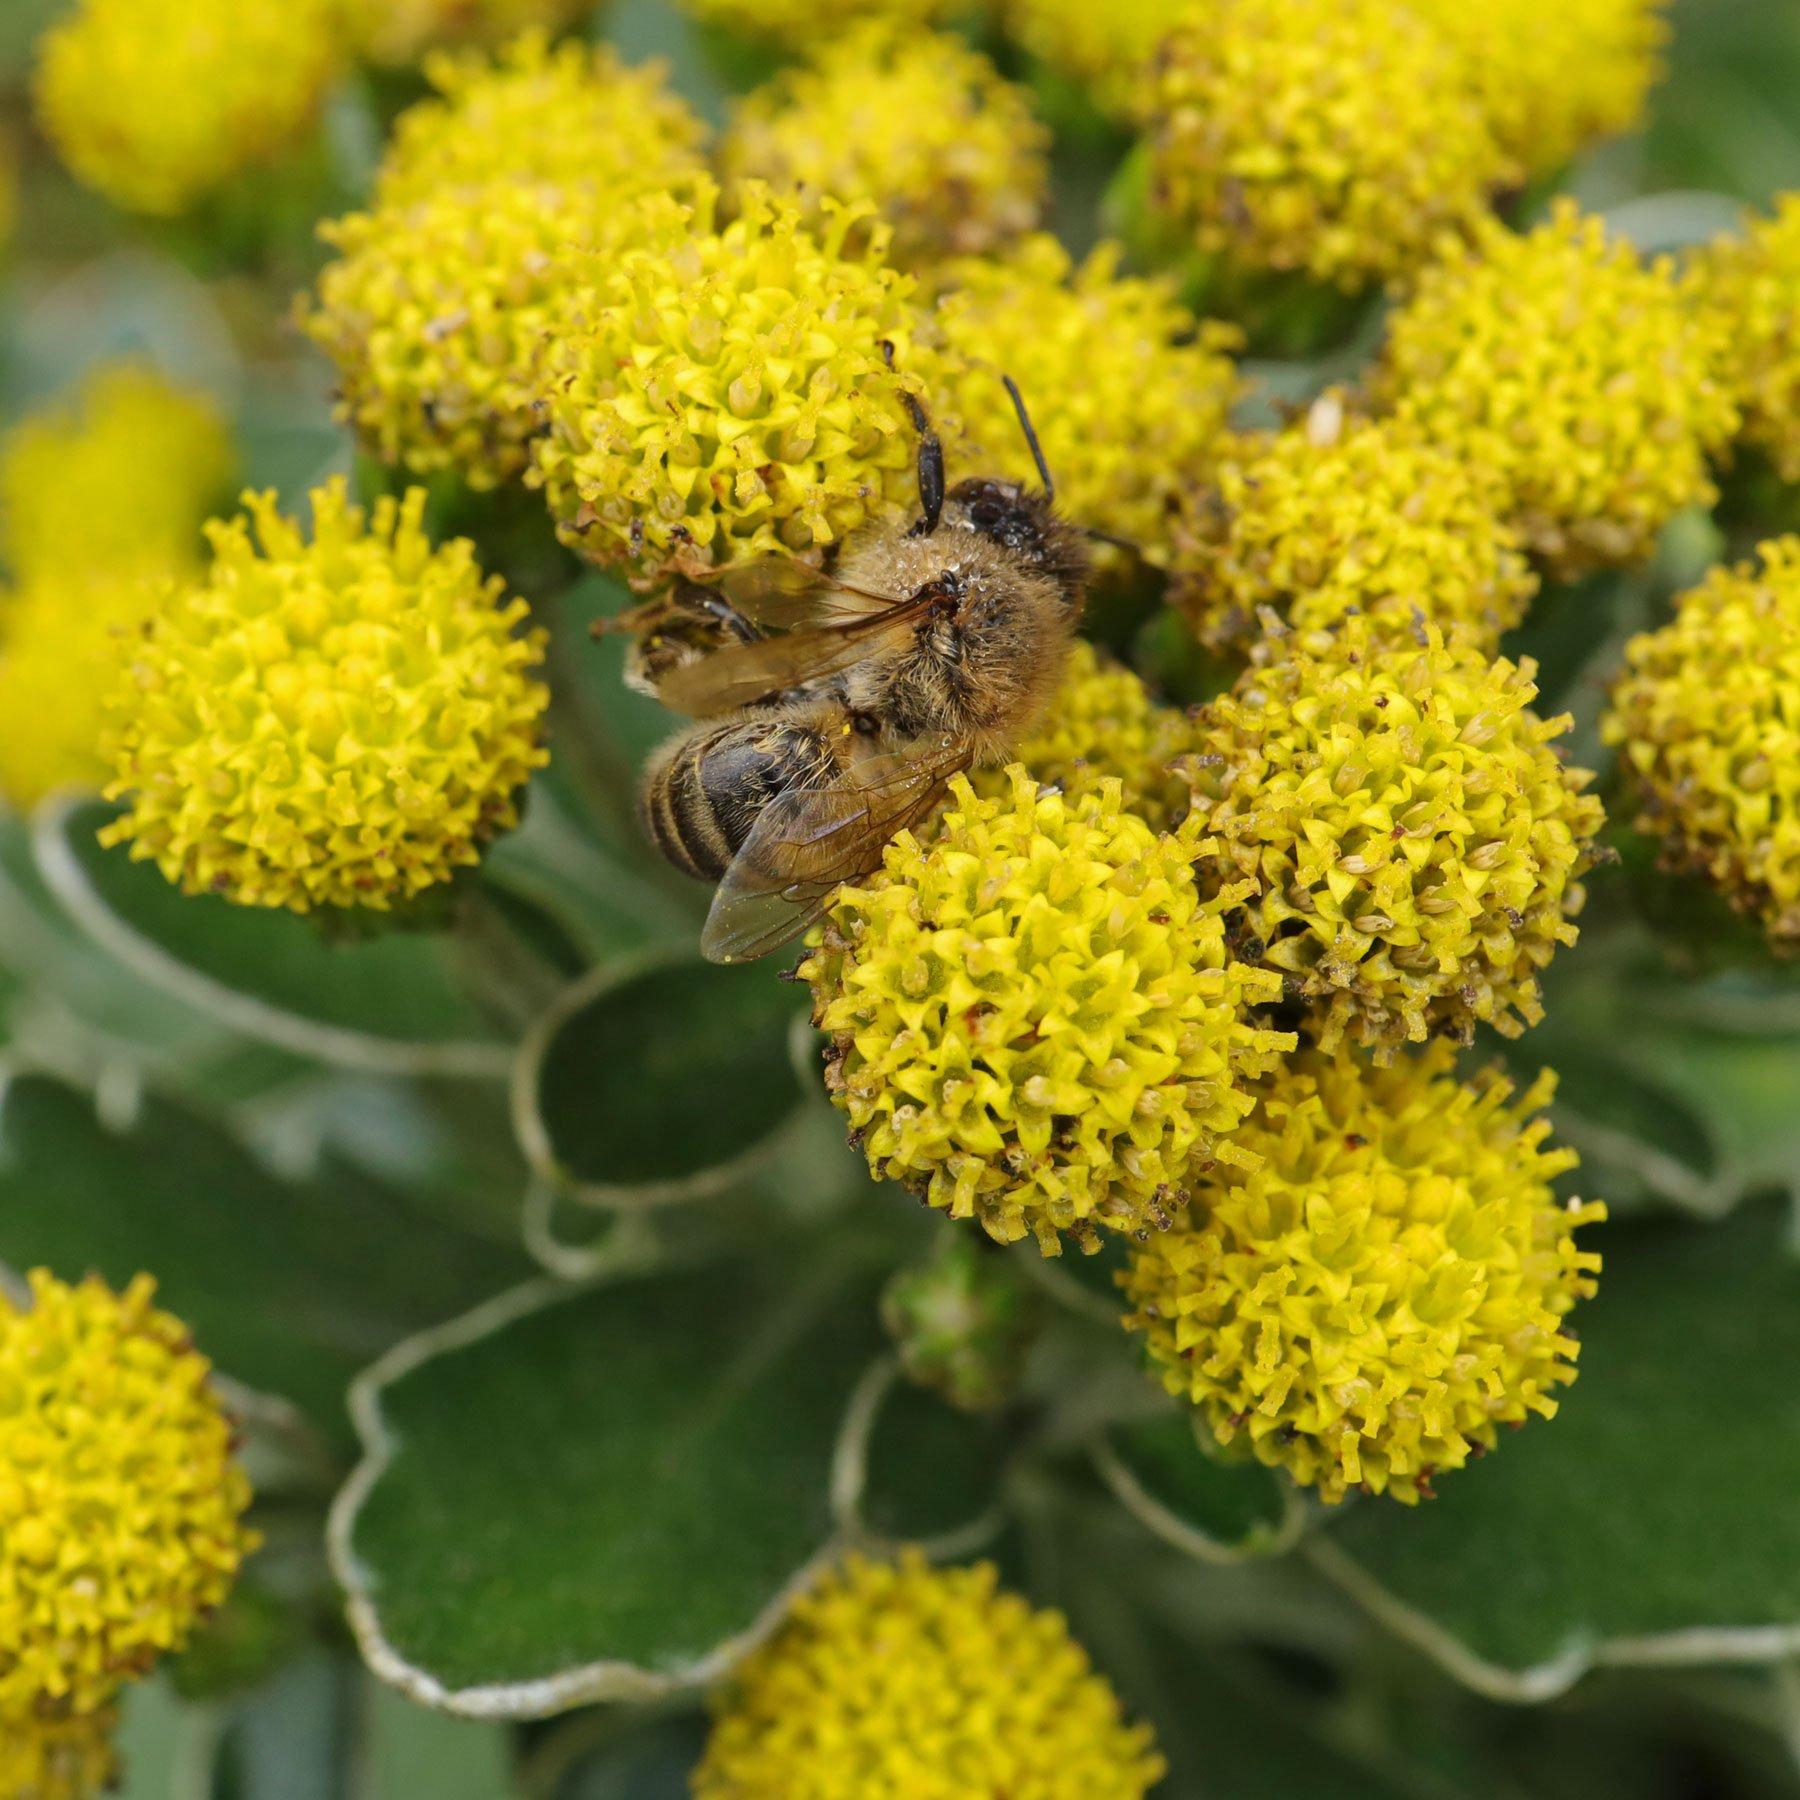 Honigbiene auf Silberrand-Chrysantheme